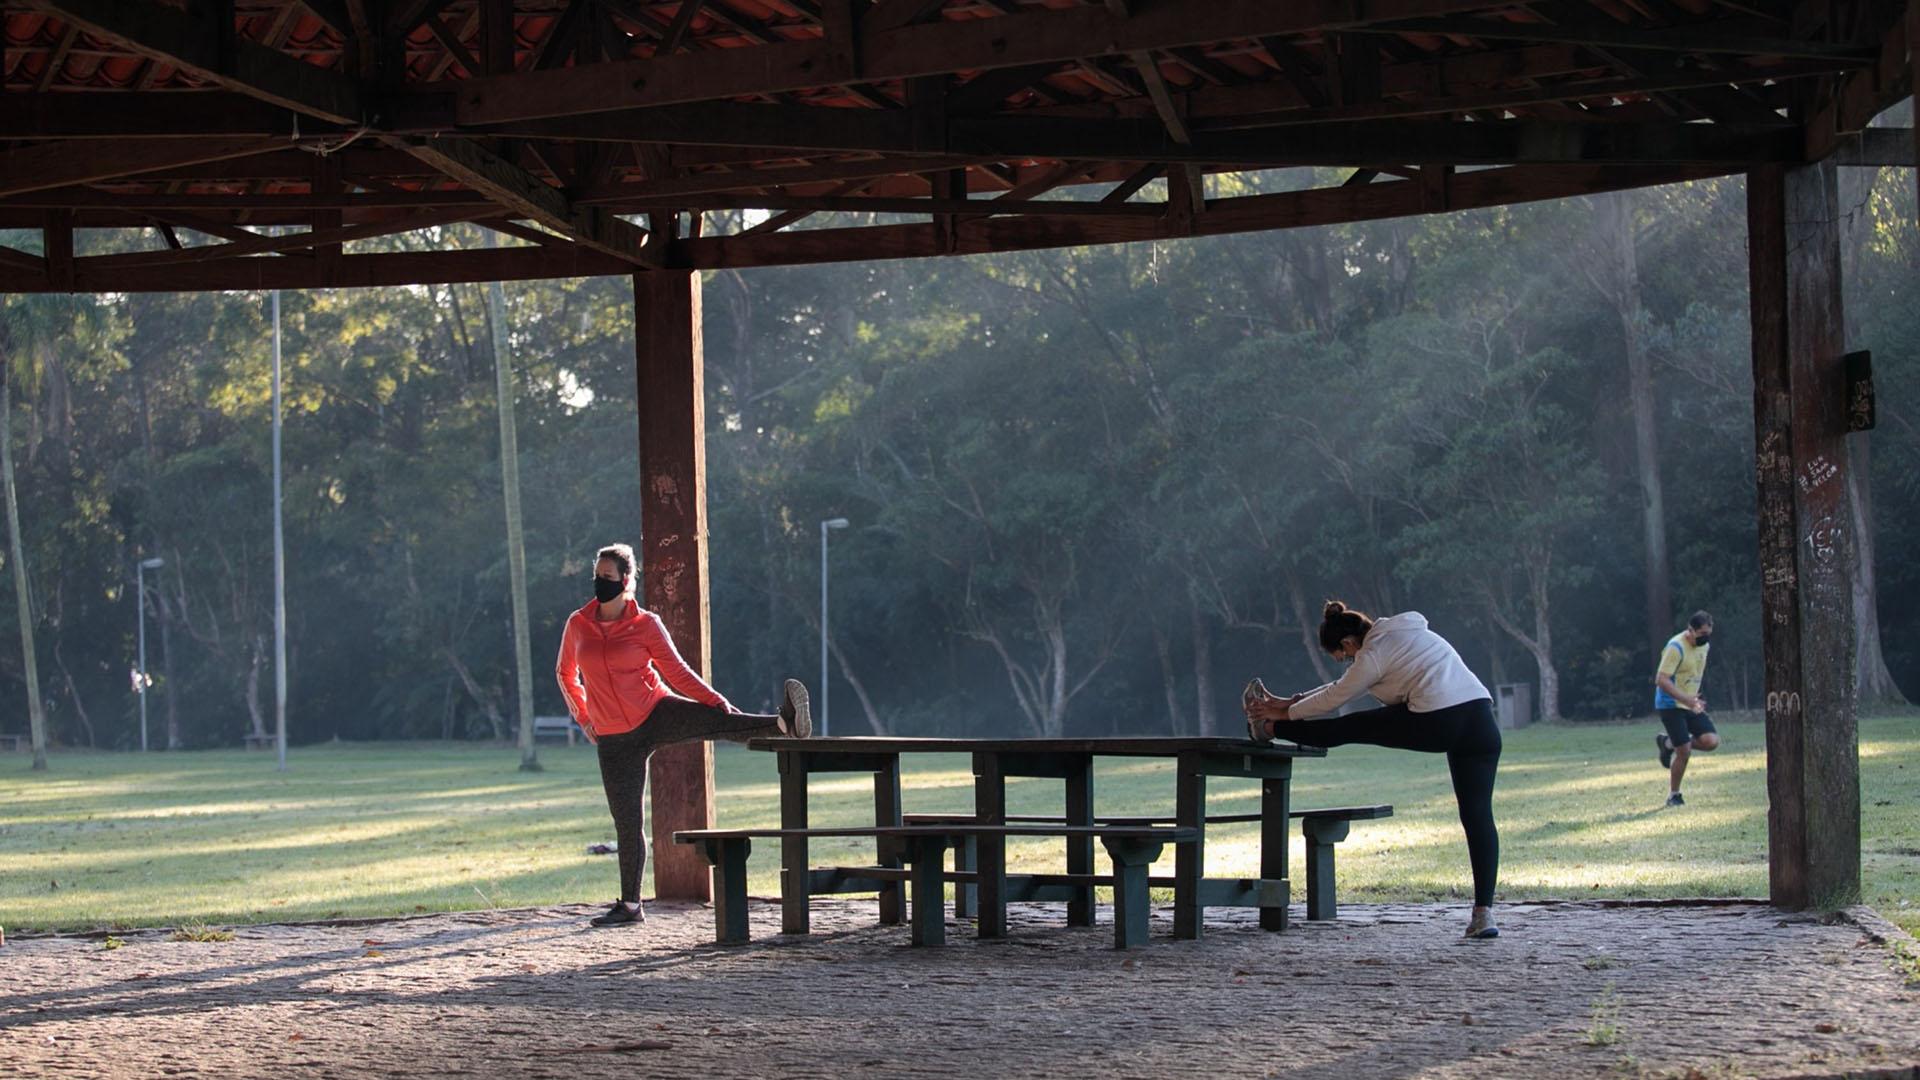 Dos personas haciendo deporte en un parque (Patricia Monteiro/Bloomberg)